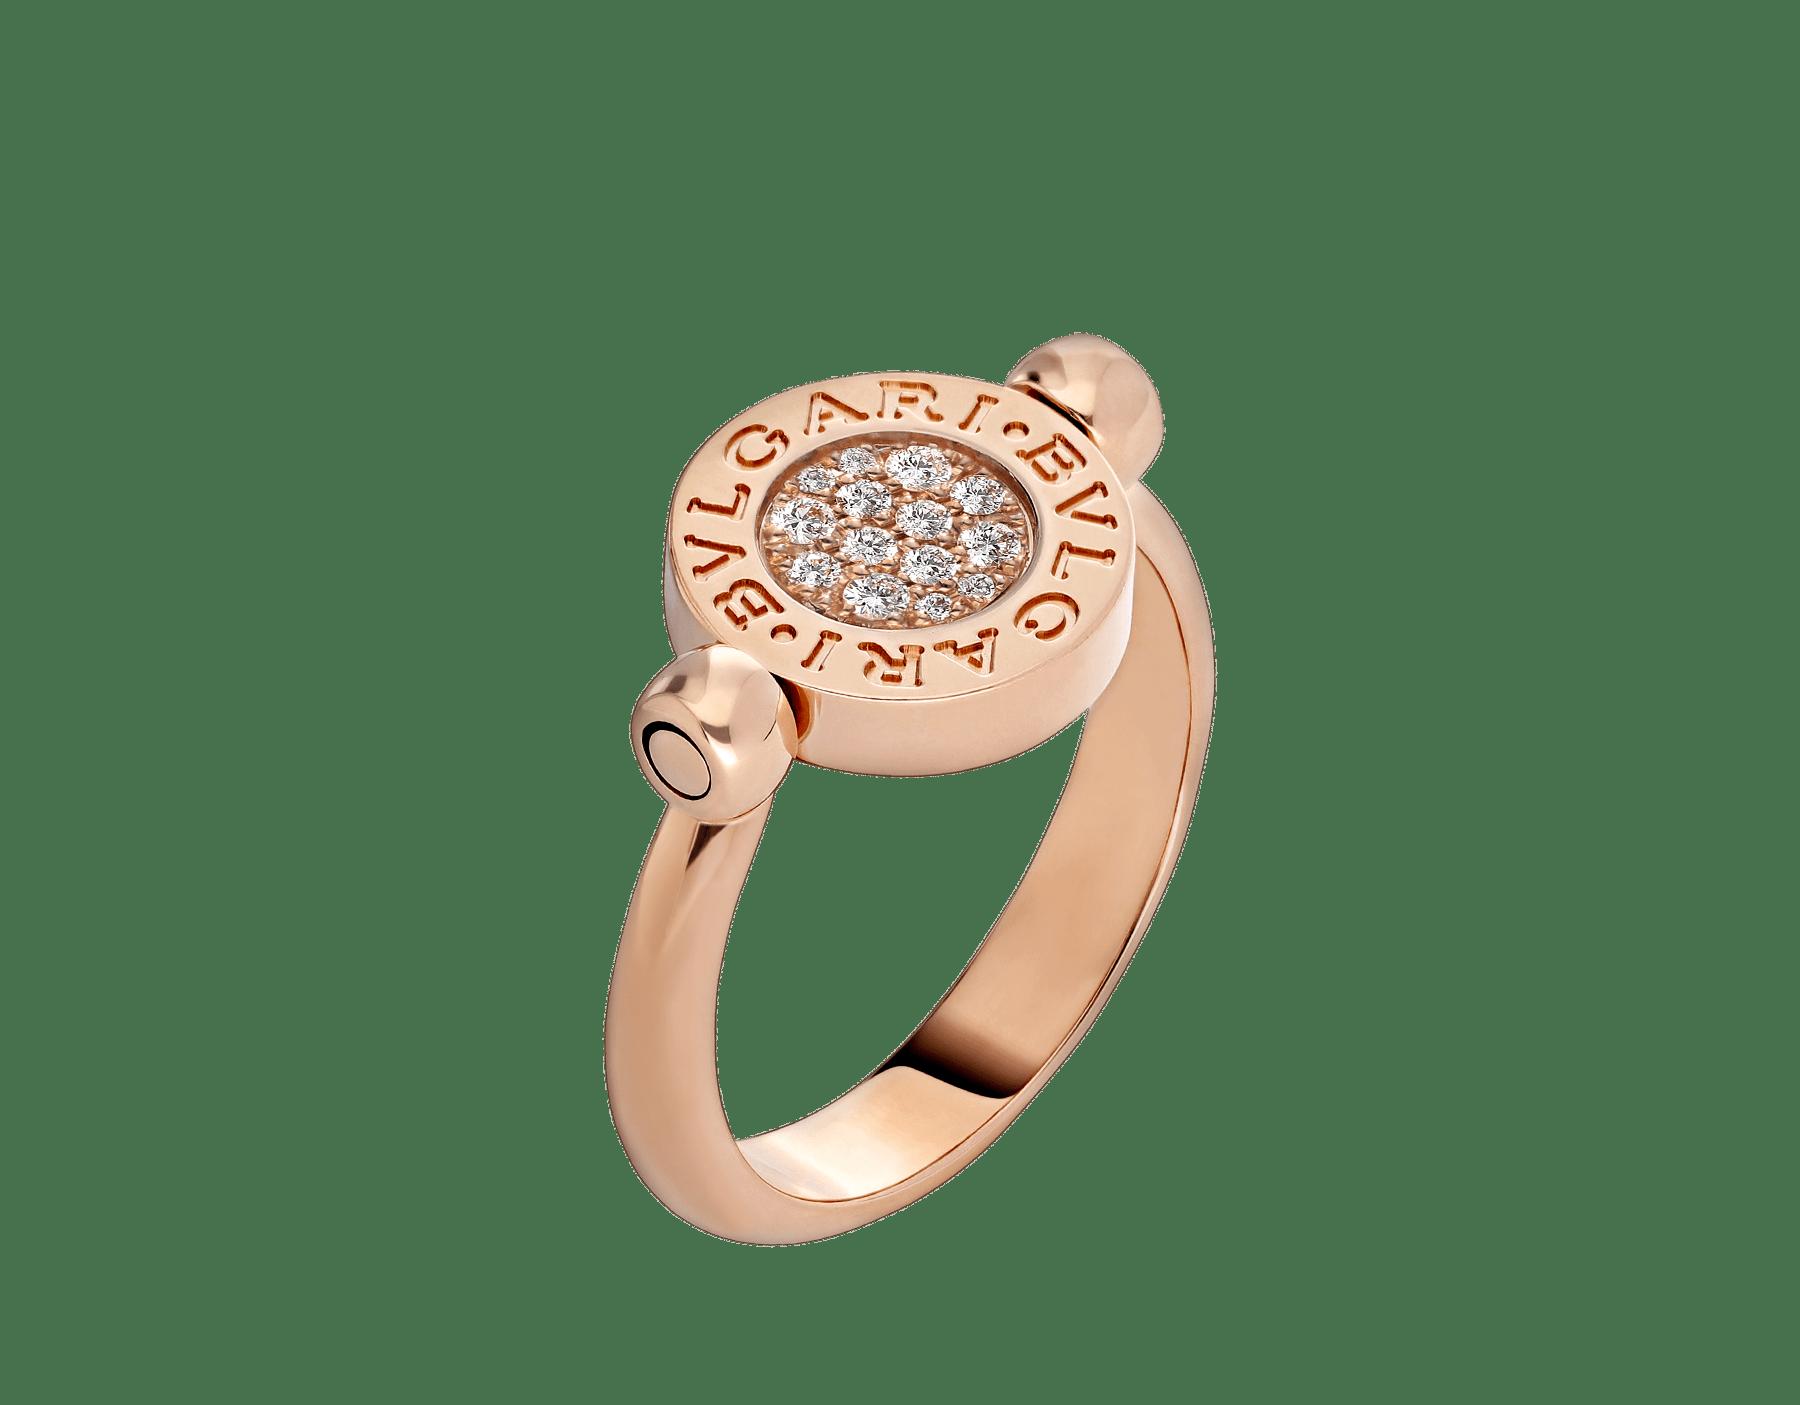 Bague réversible BVLGARI BVLGARI en or rose 18K sertie d'éléments en jade et pavé diamants AN857356 image 3